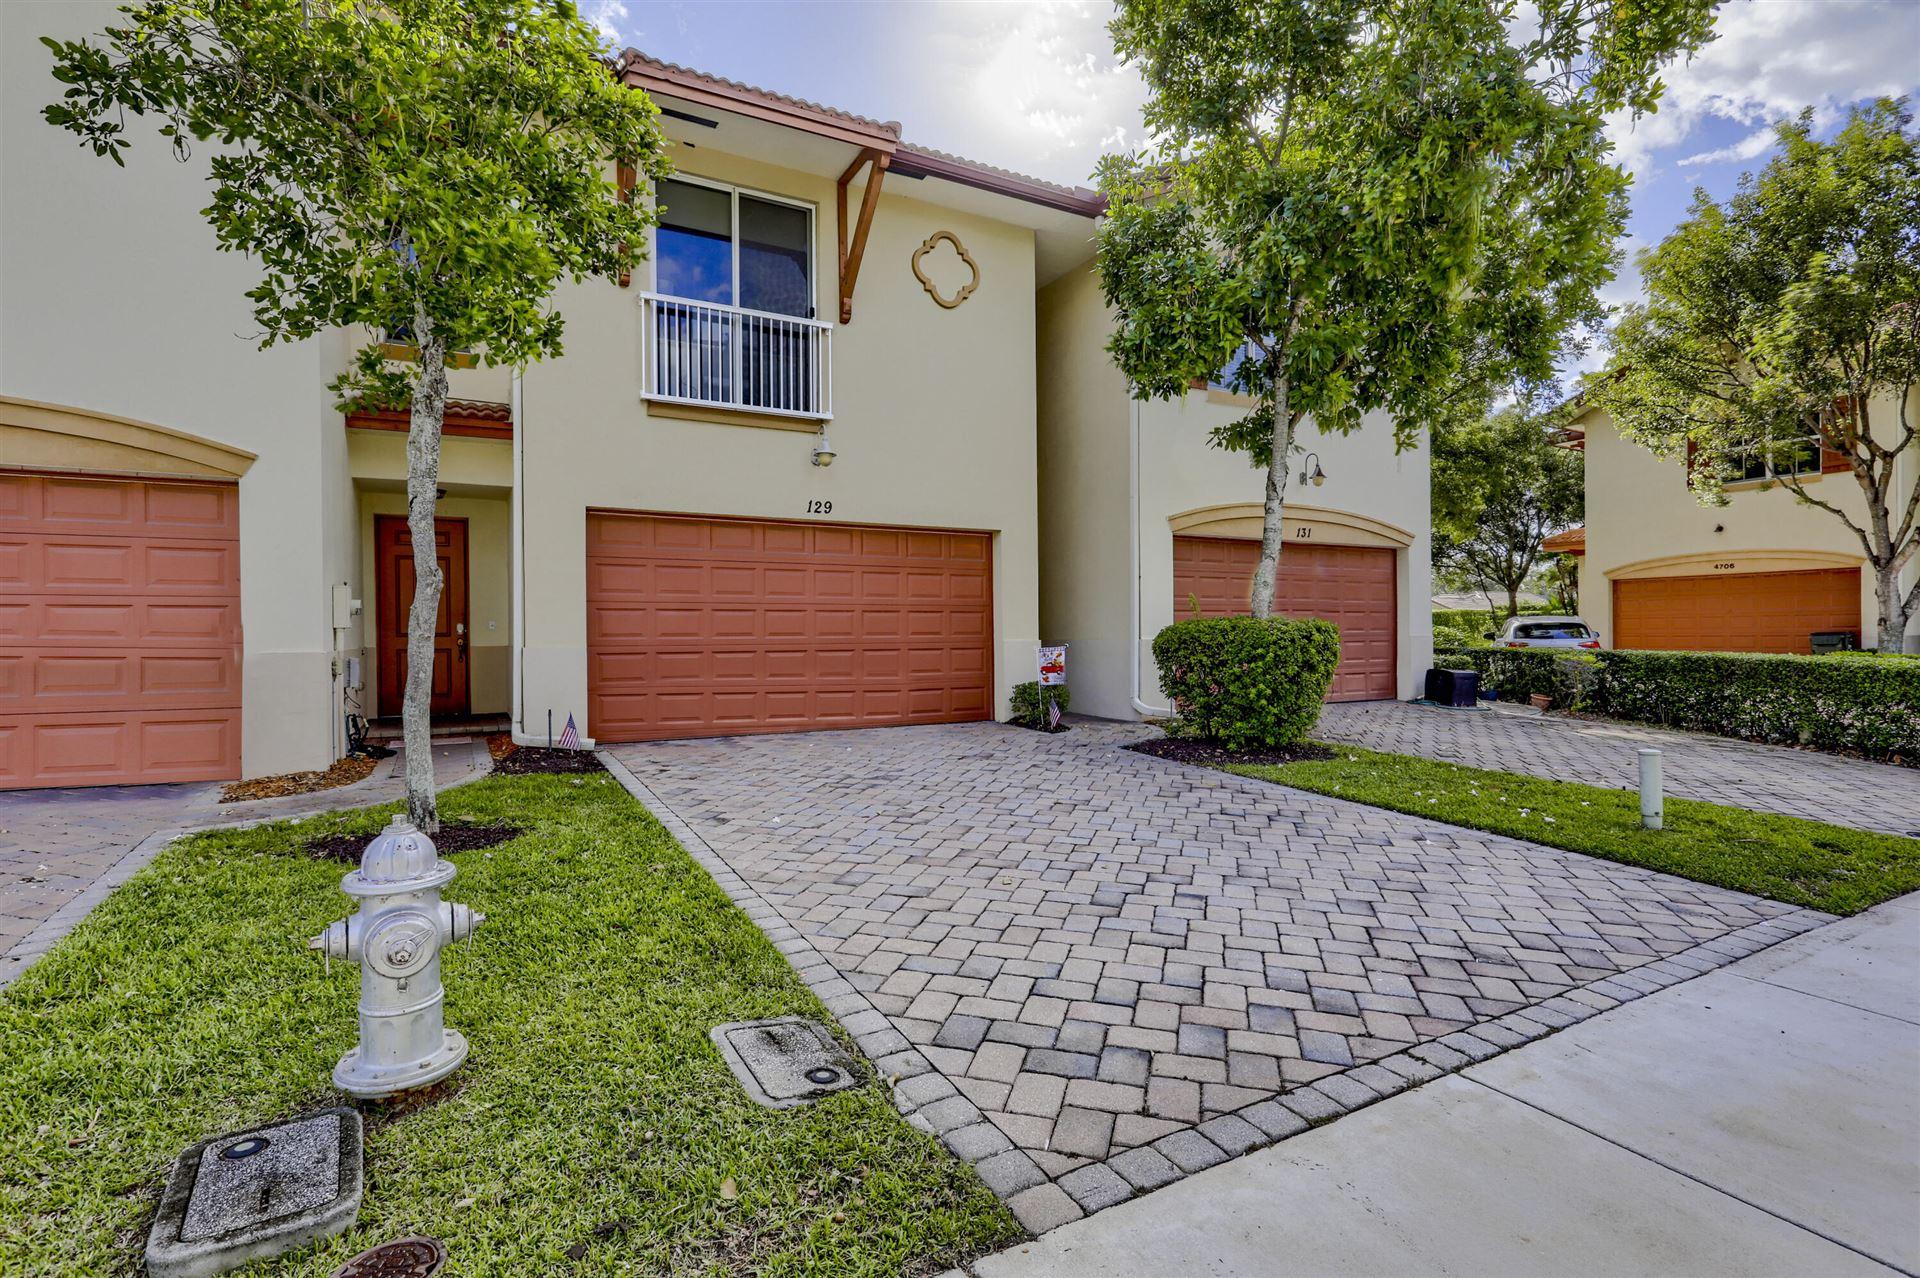 Photo of 129 E Prive Circle, Delray Beach, FL 33445 (MLS # RX-10753731)